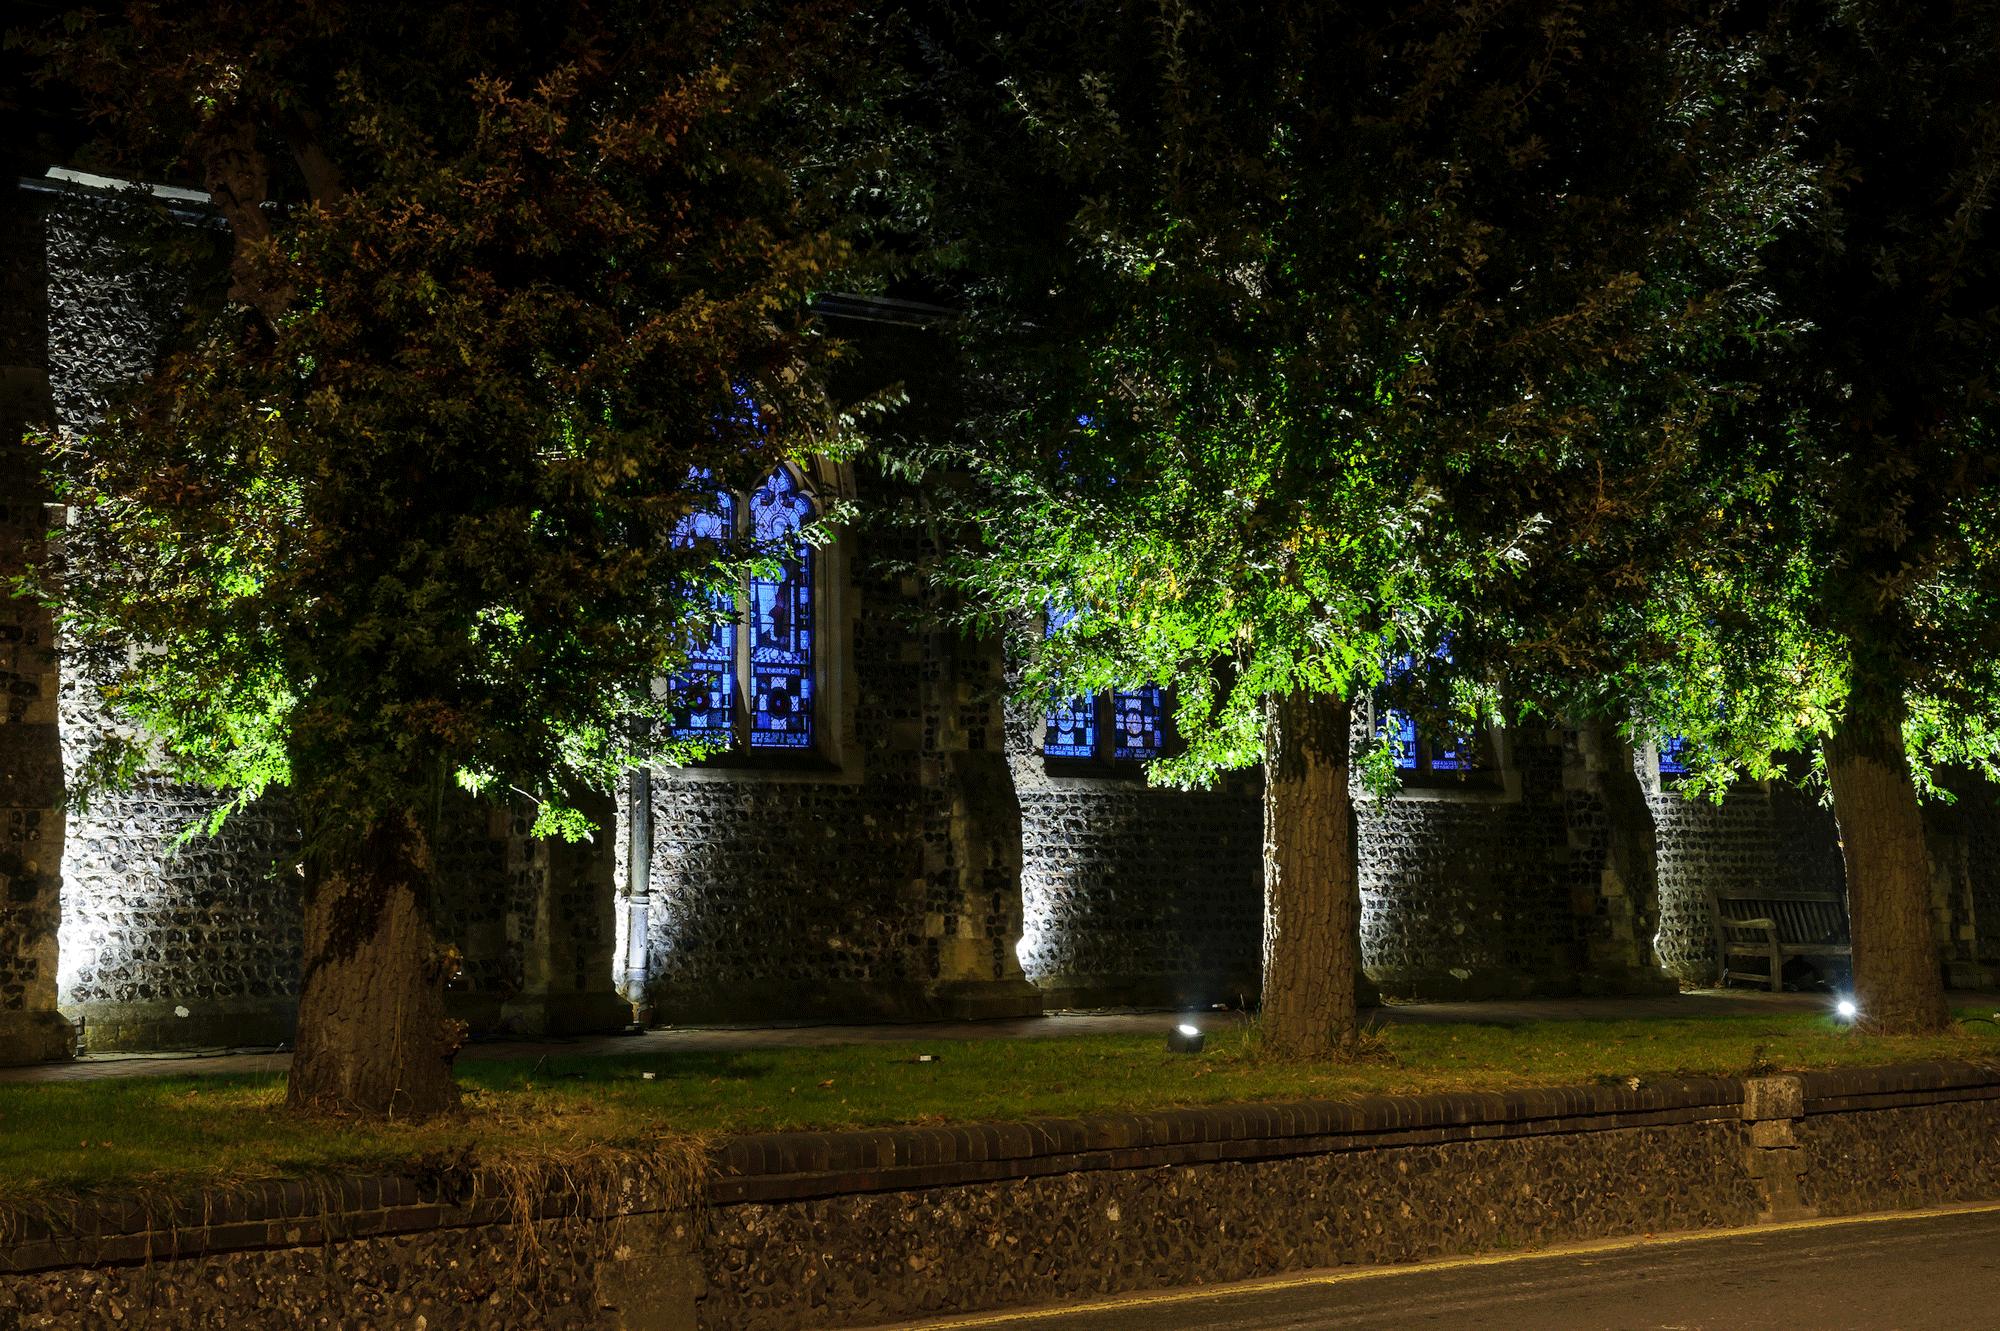 Lewes Light - Festival of Light